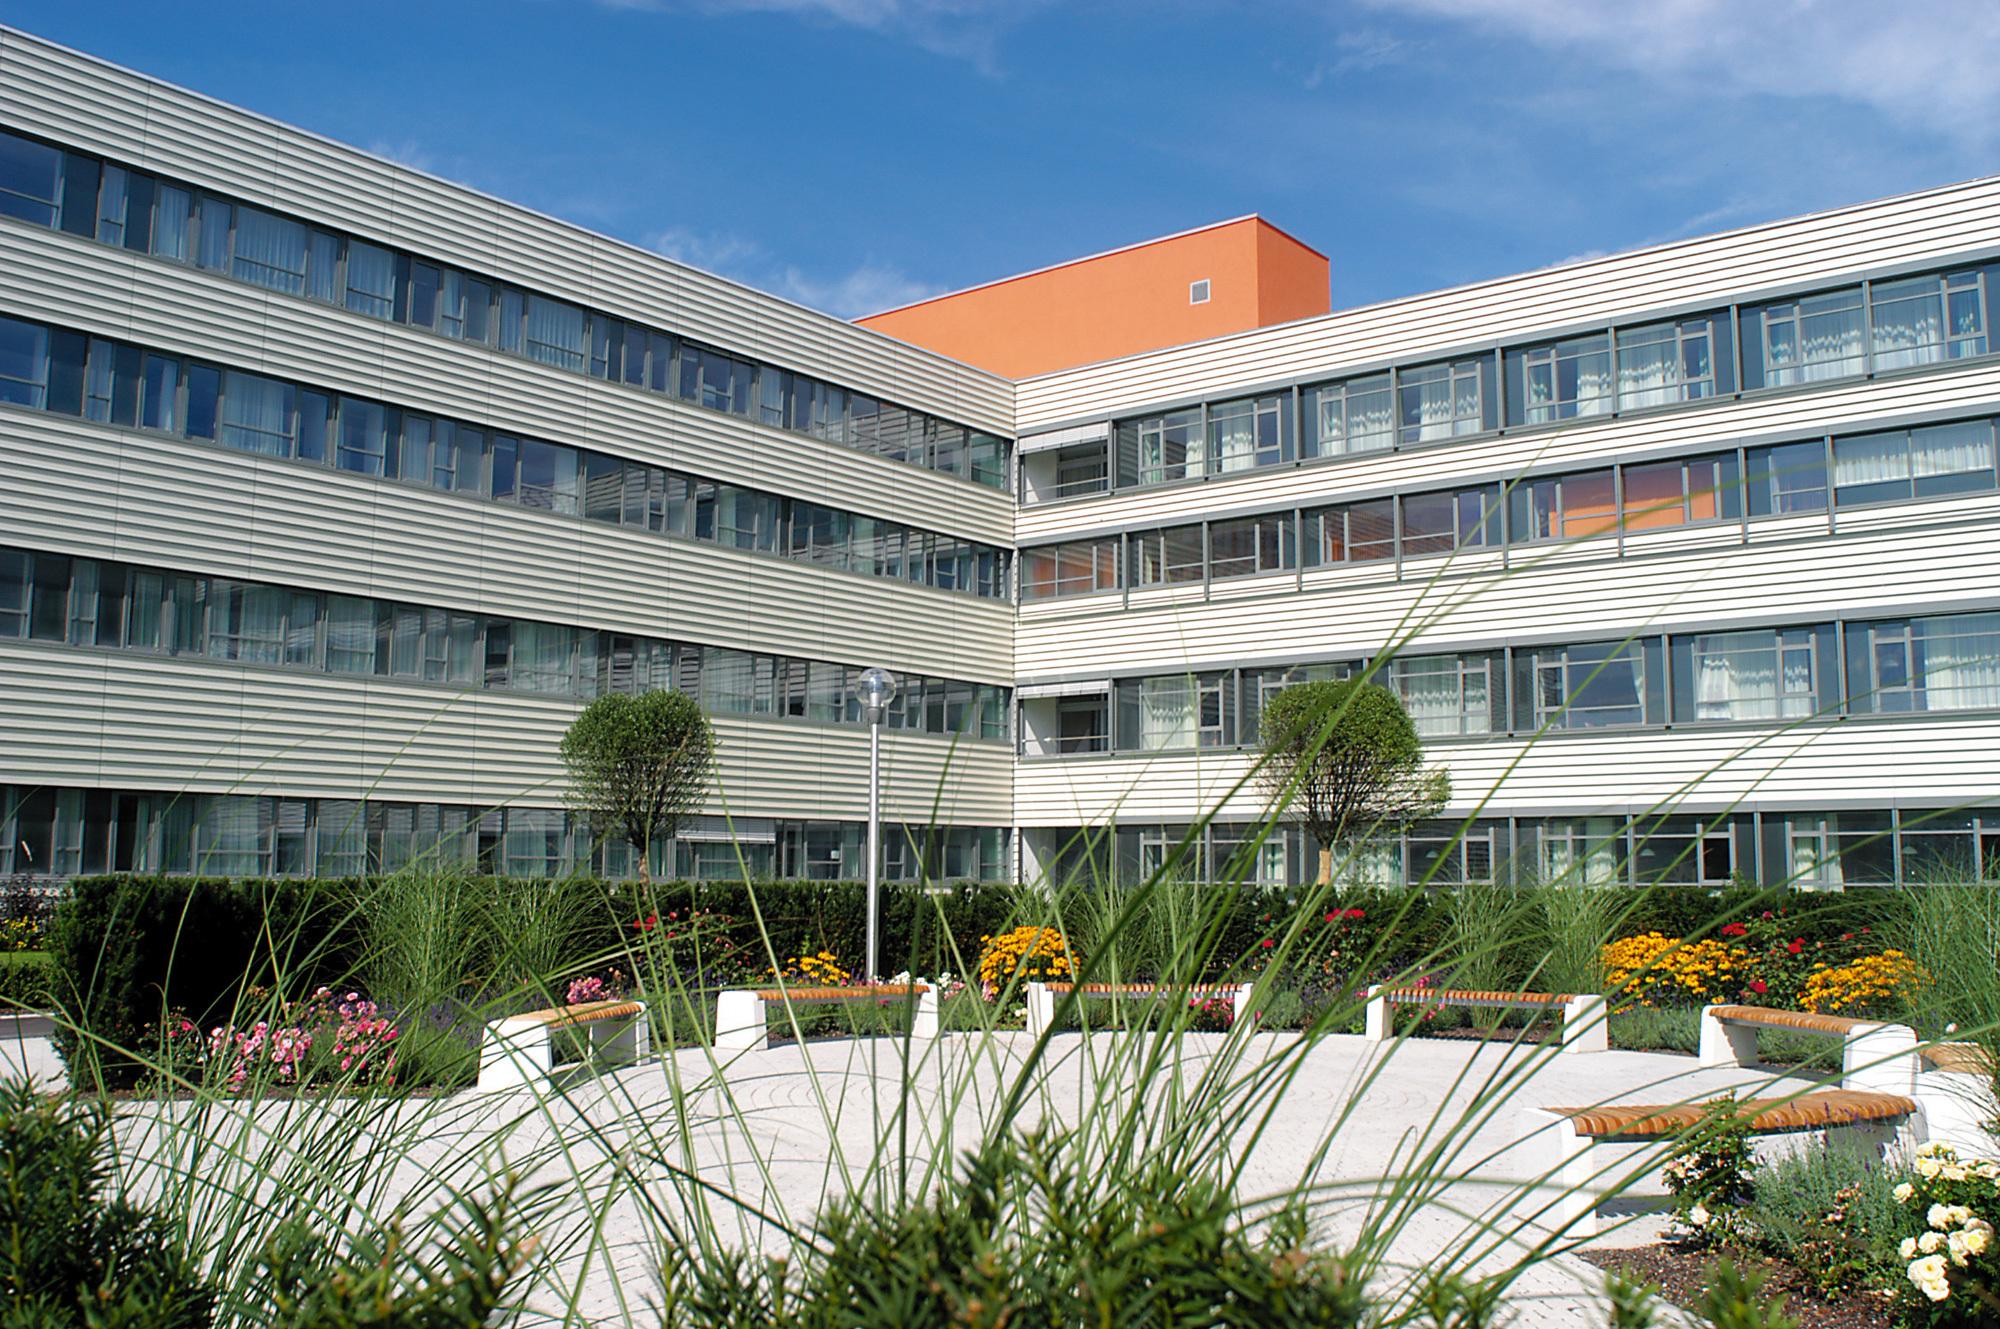 Salzkammergut Klinikum Voecklabruck Aussenanlage 1